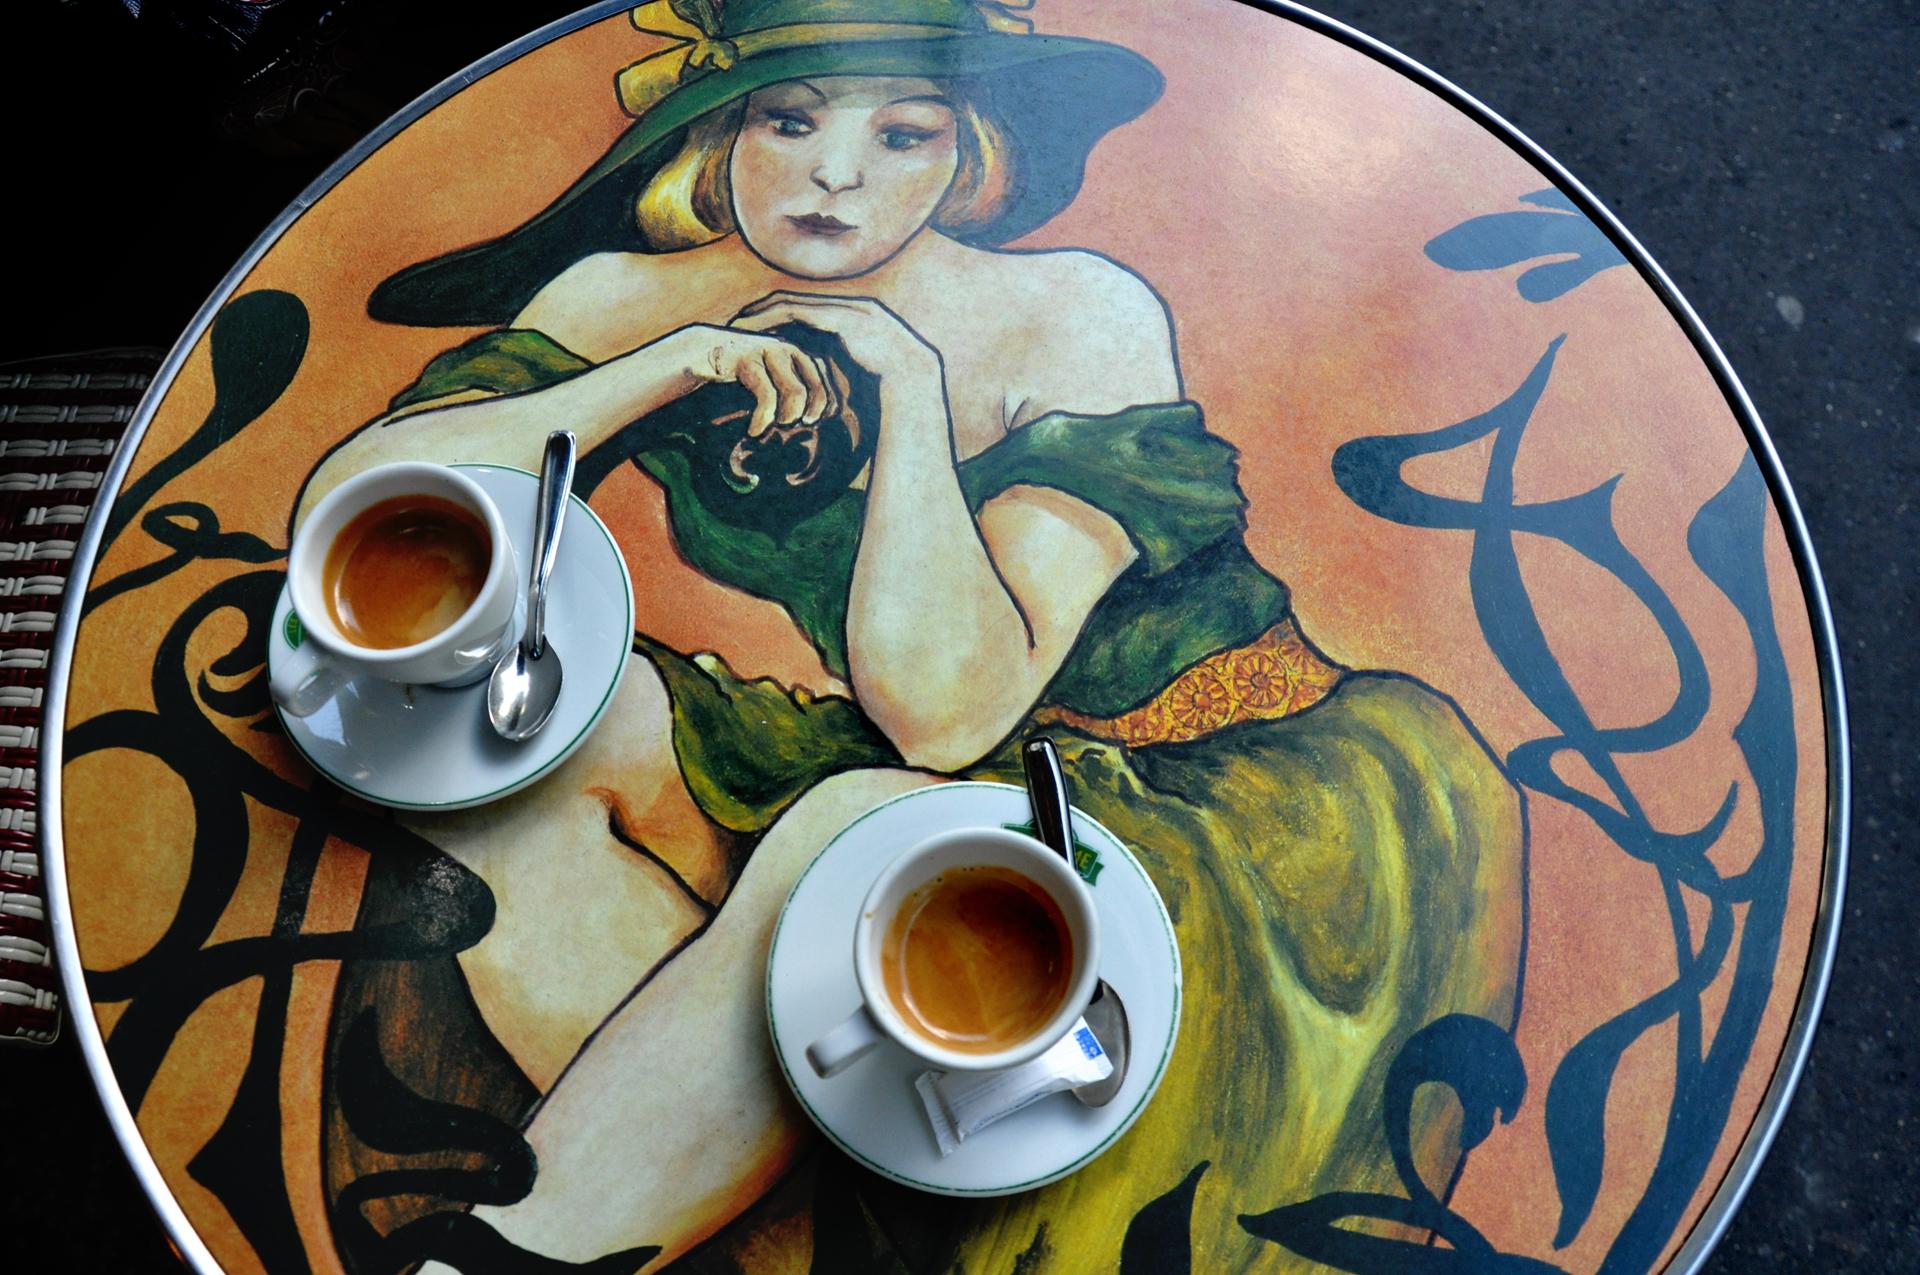 פעמיים קפה פריז - שולחן קפה - paris - יואל שתרוג - אדמה יוצרת - yoel sitruk